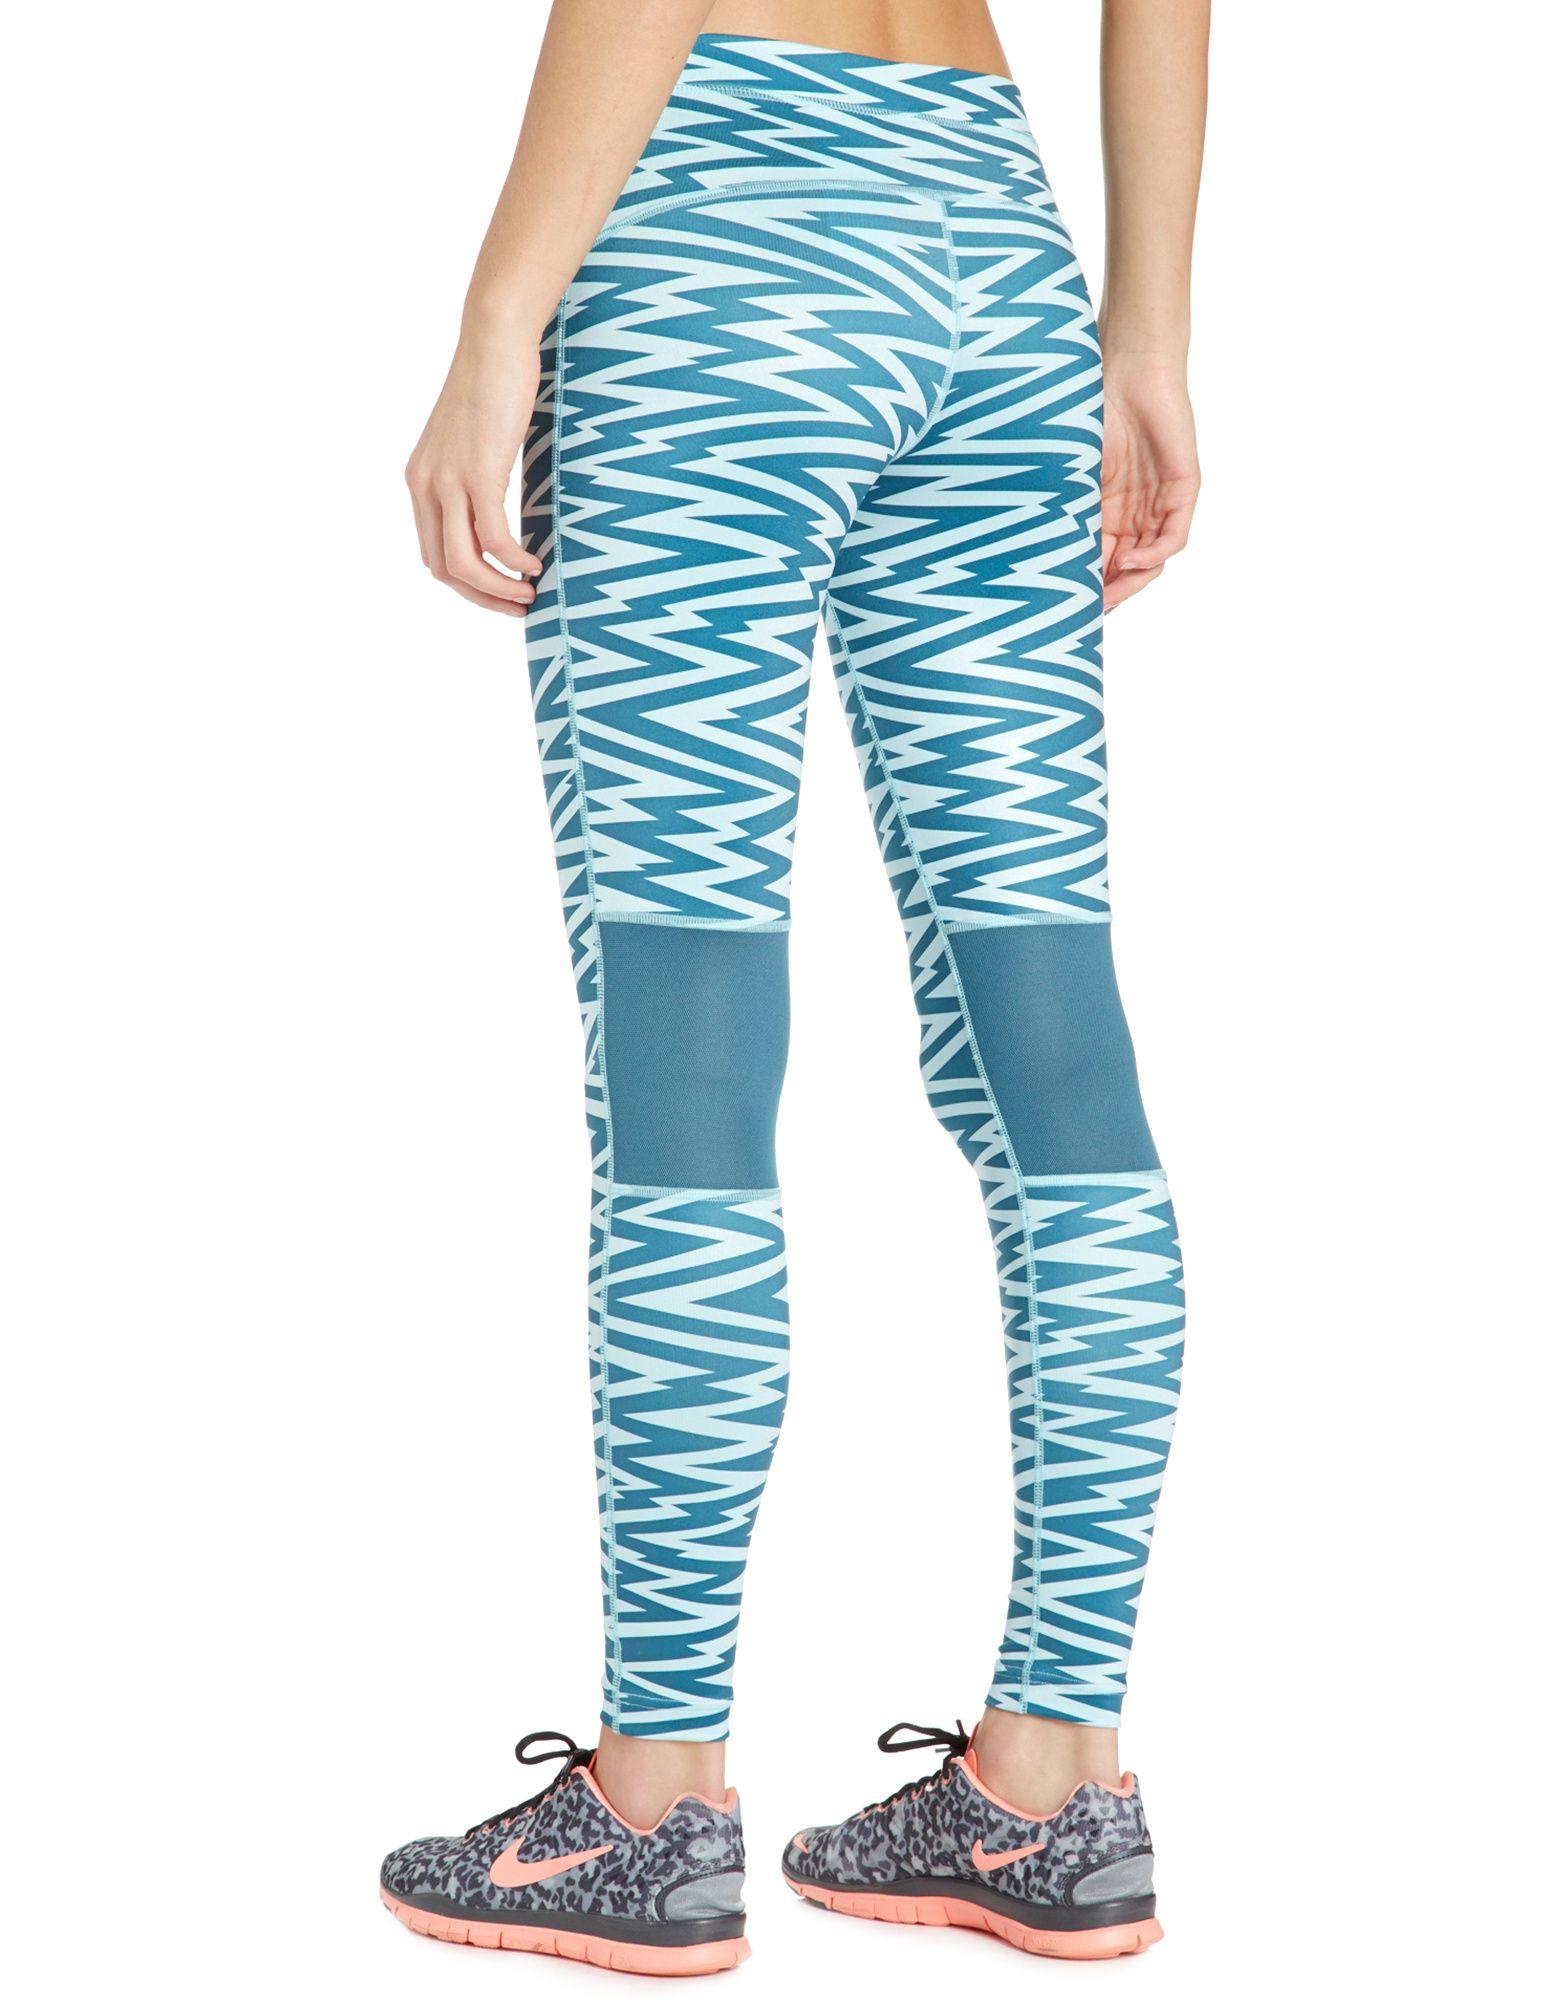 Nike Allover Print Leggings